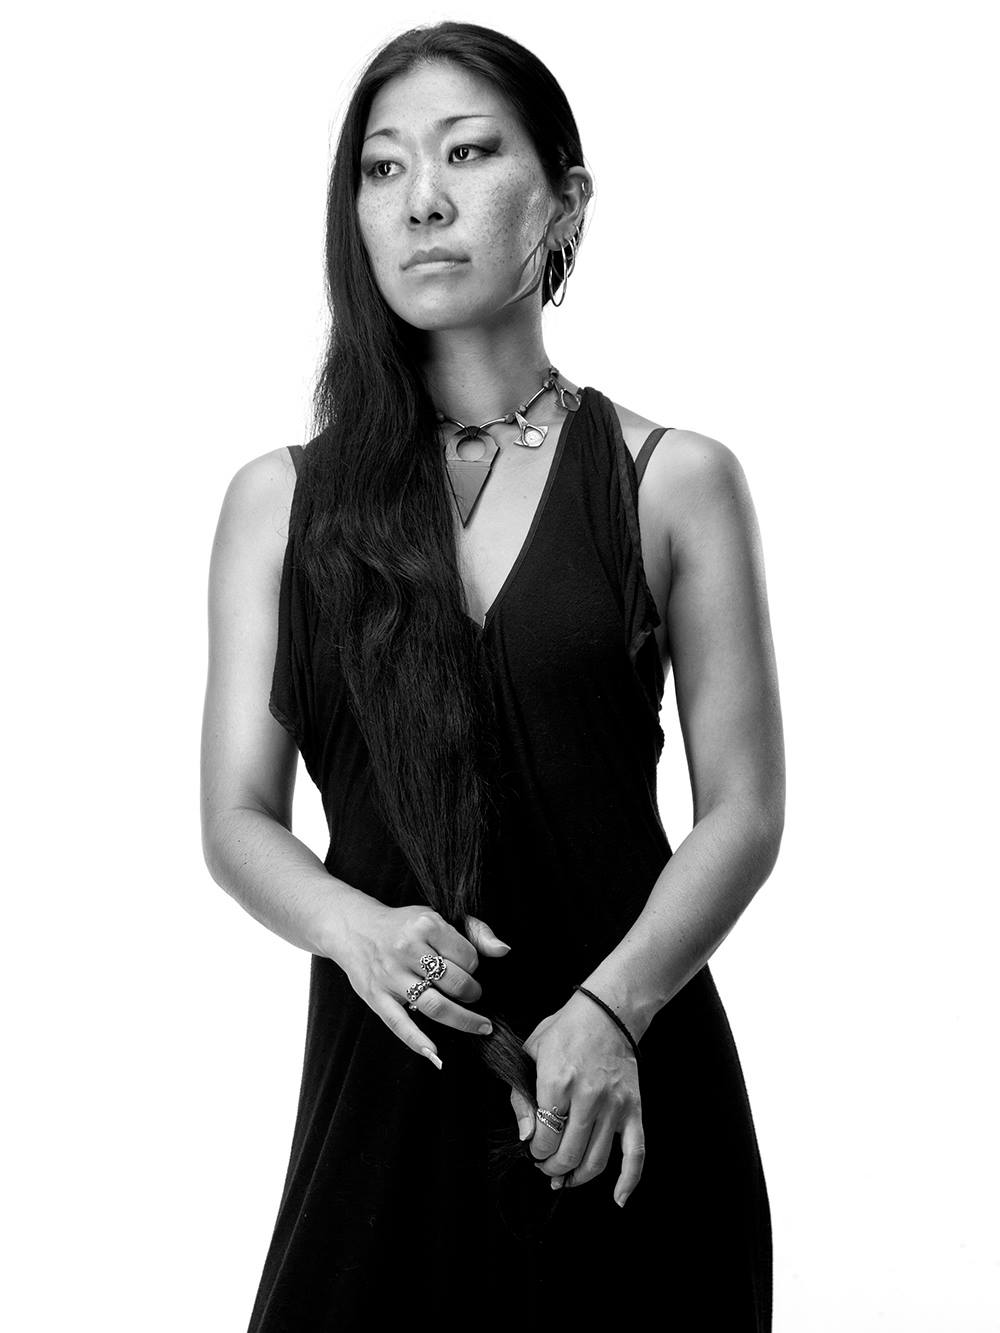 Stephanie Inagaki